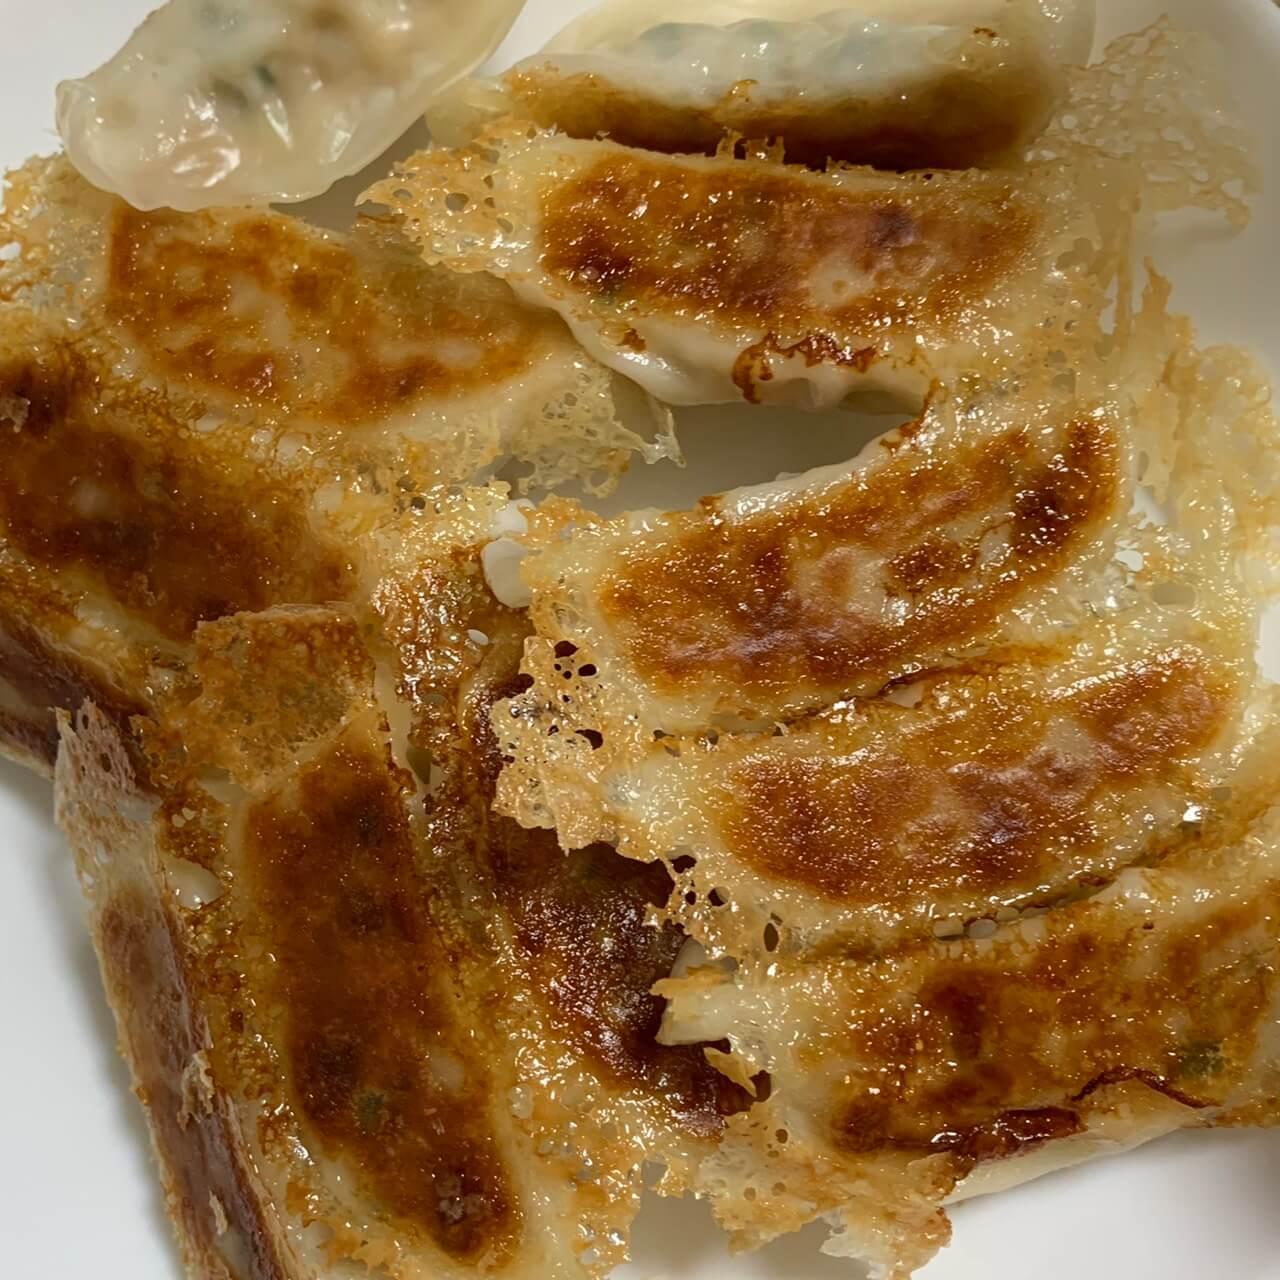 お手軽に冷食餃子【味の素のしょうがギョーザ】簡単に羽根つきパリッ